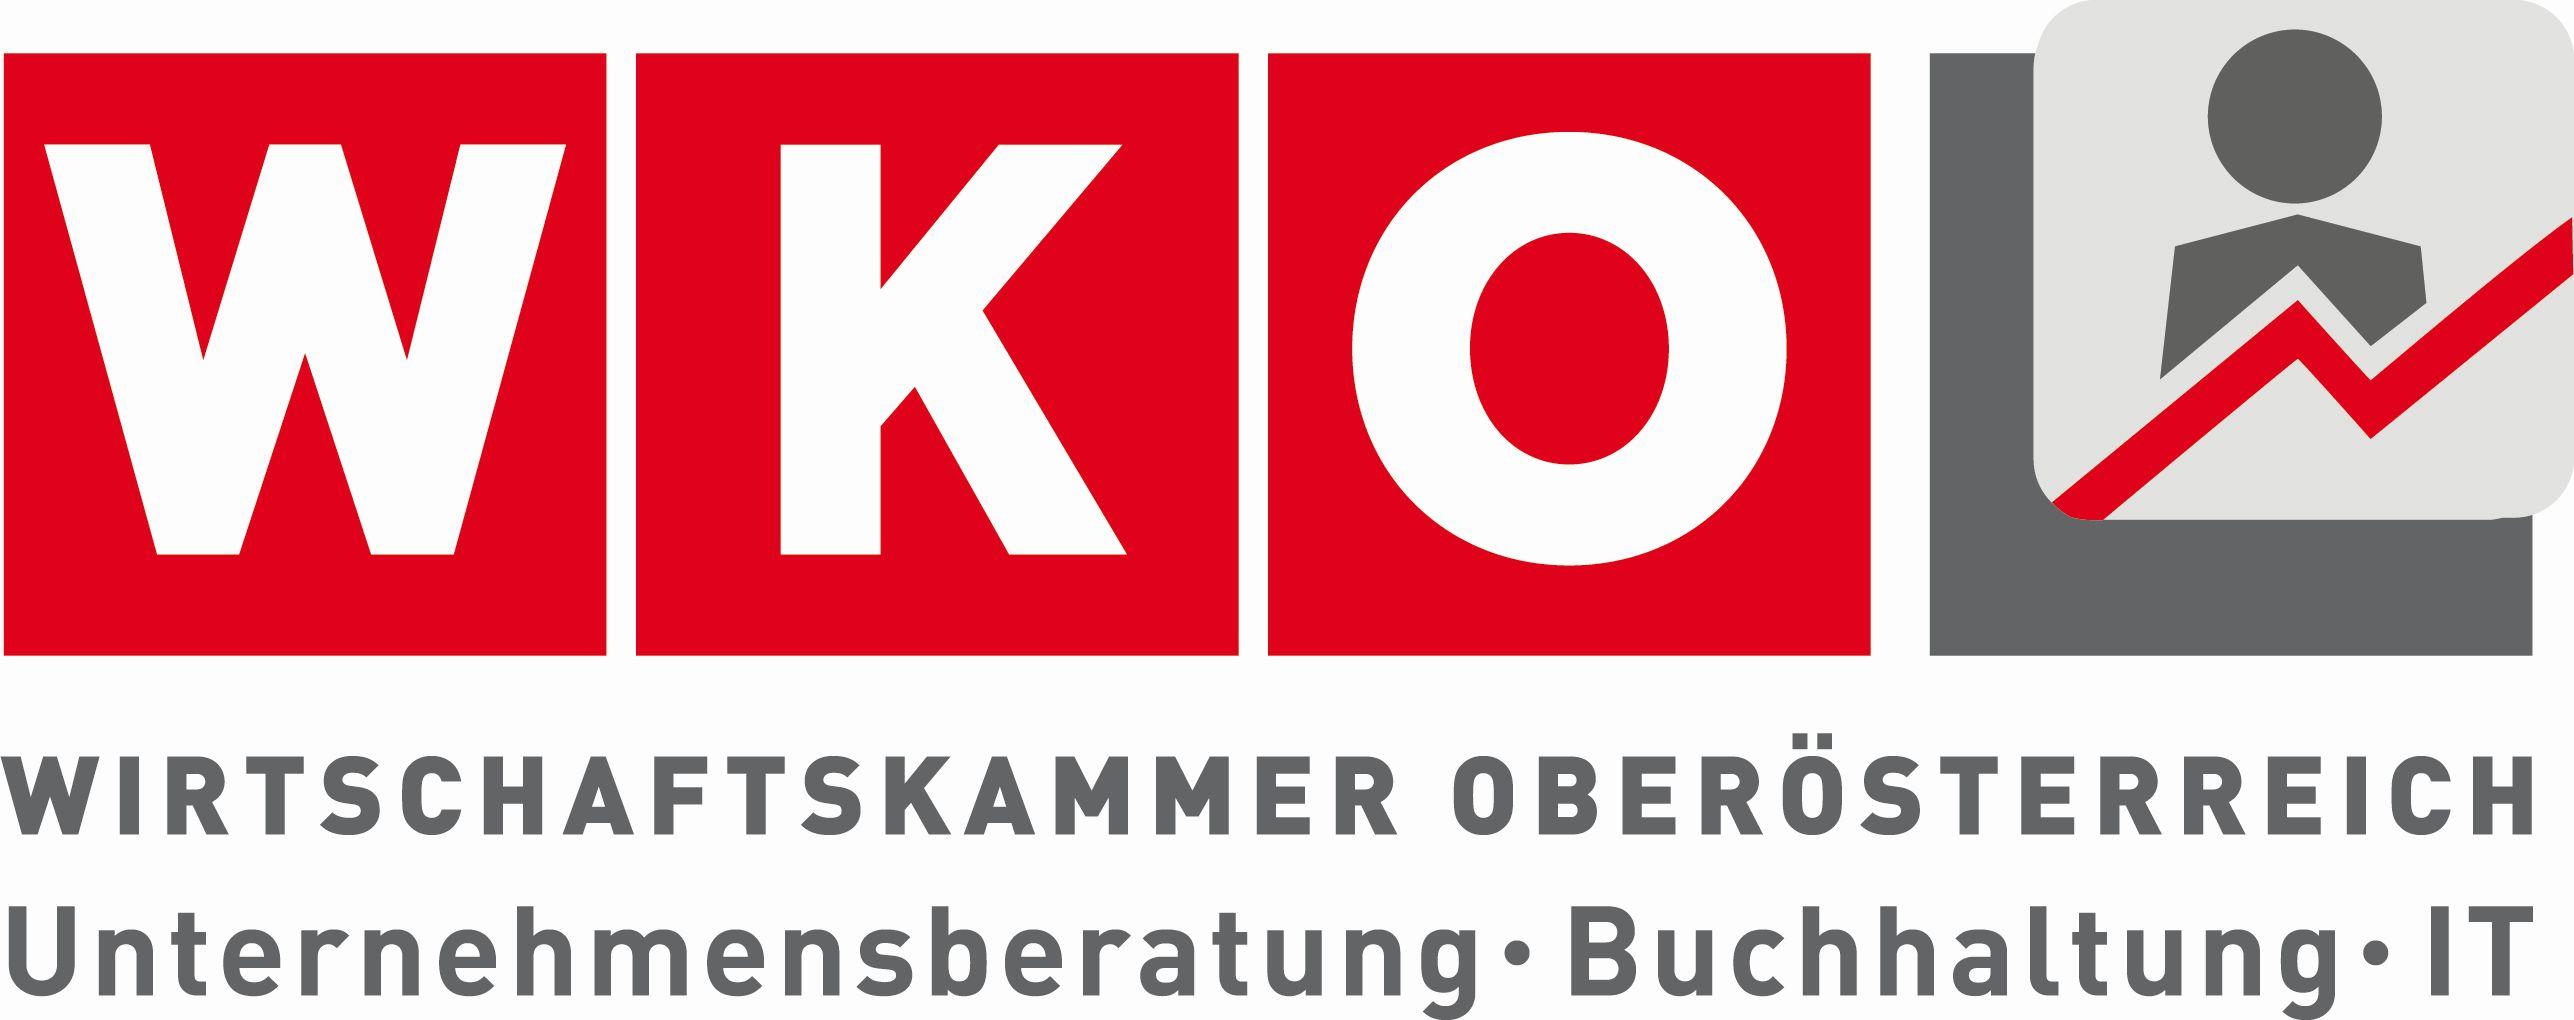 Wirtschaftskammer Oberöstererich - UBIT